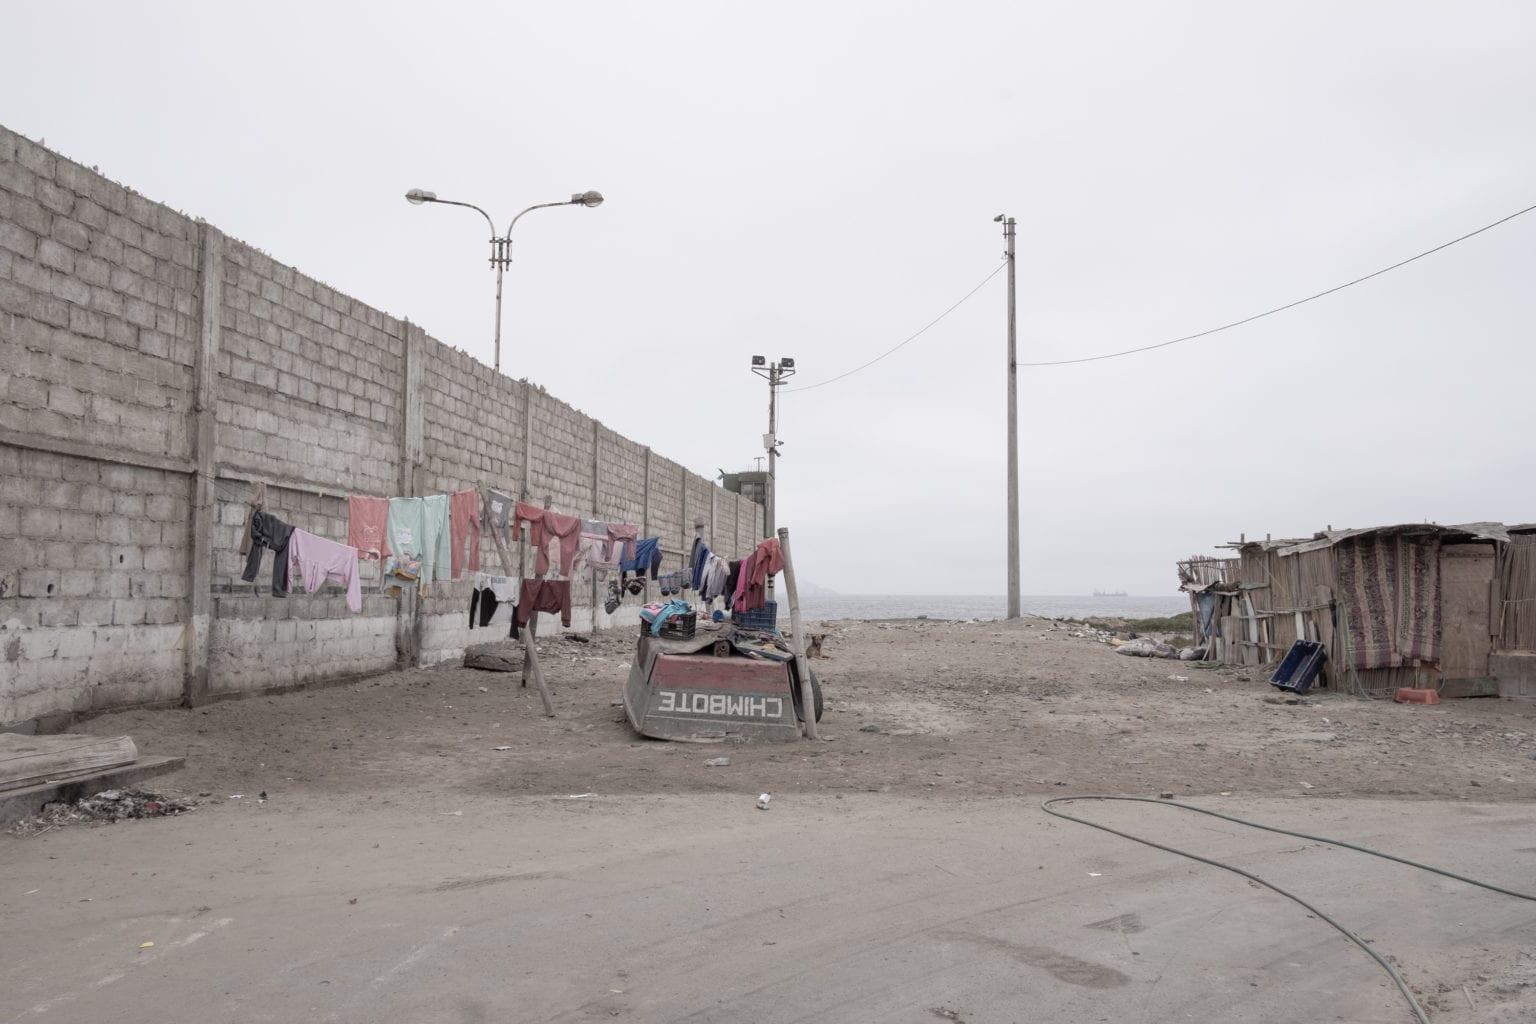 Fiskemelsfabrikkerne er flyttet ud af byens centrum. M også i dag bor mennesker op og ned af fabrikkerne. Lugten af rådden fisk er intens, og den sidder i tøjet, som tørres i vinden.